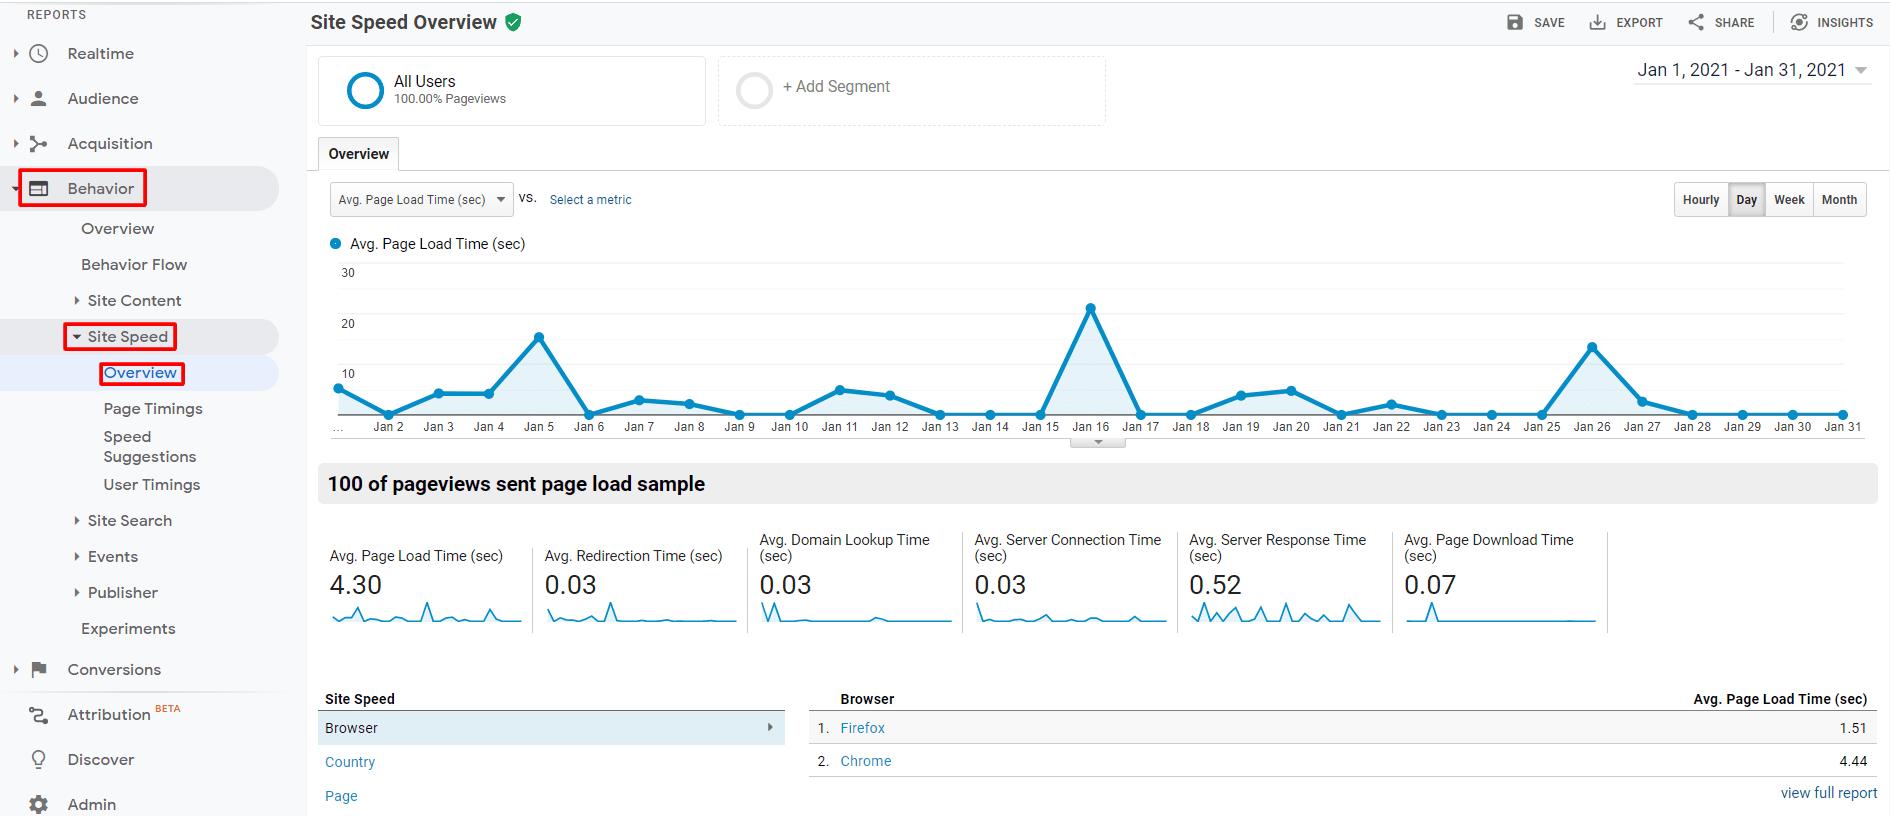 google analytics site speed overviewdashboard